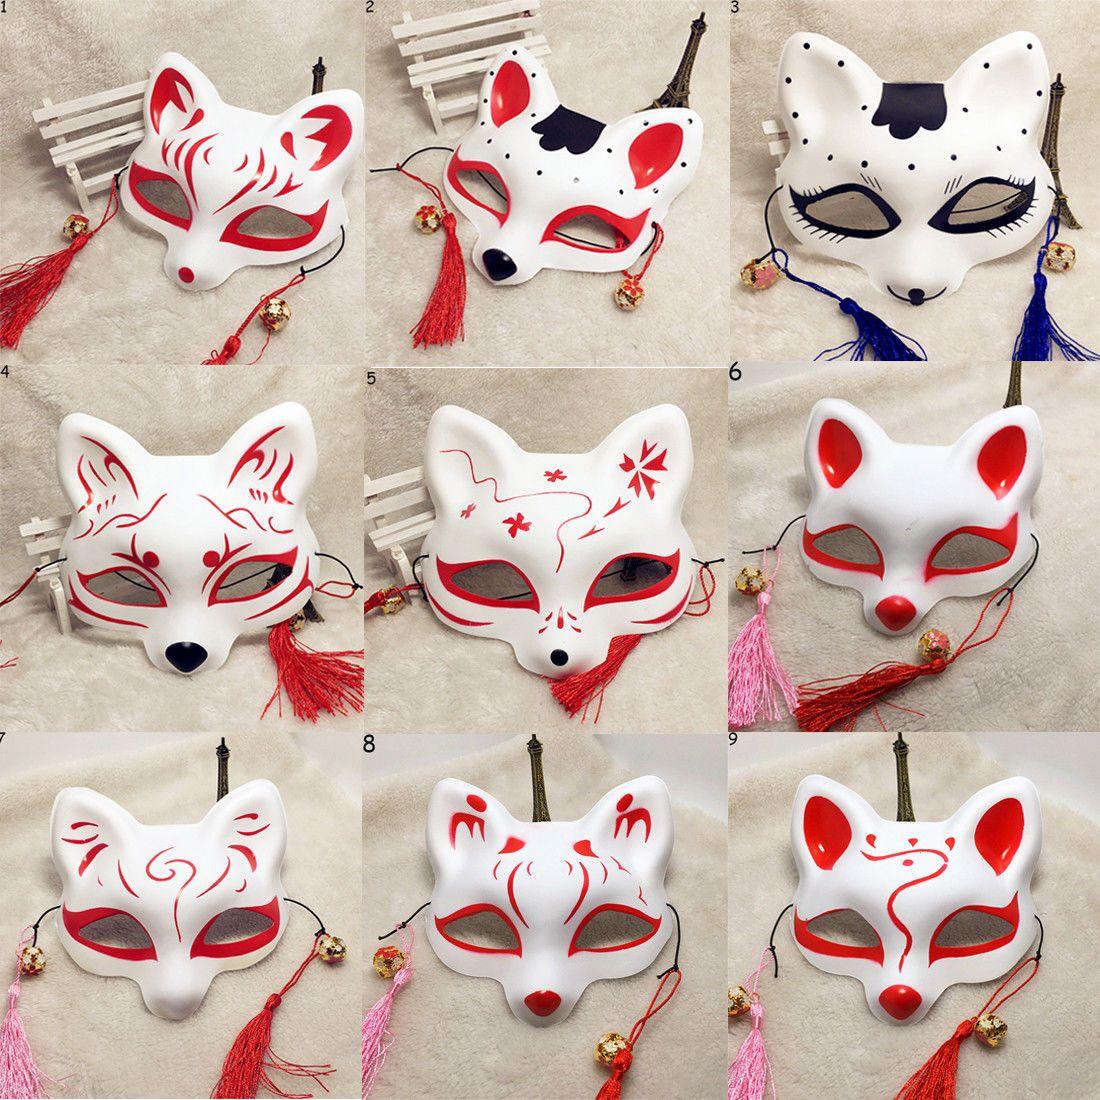 Japanese anime half face fox masks handpainted kitsune